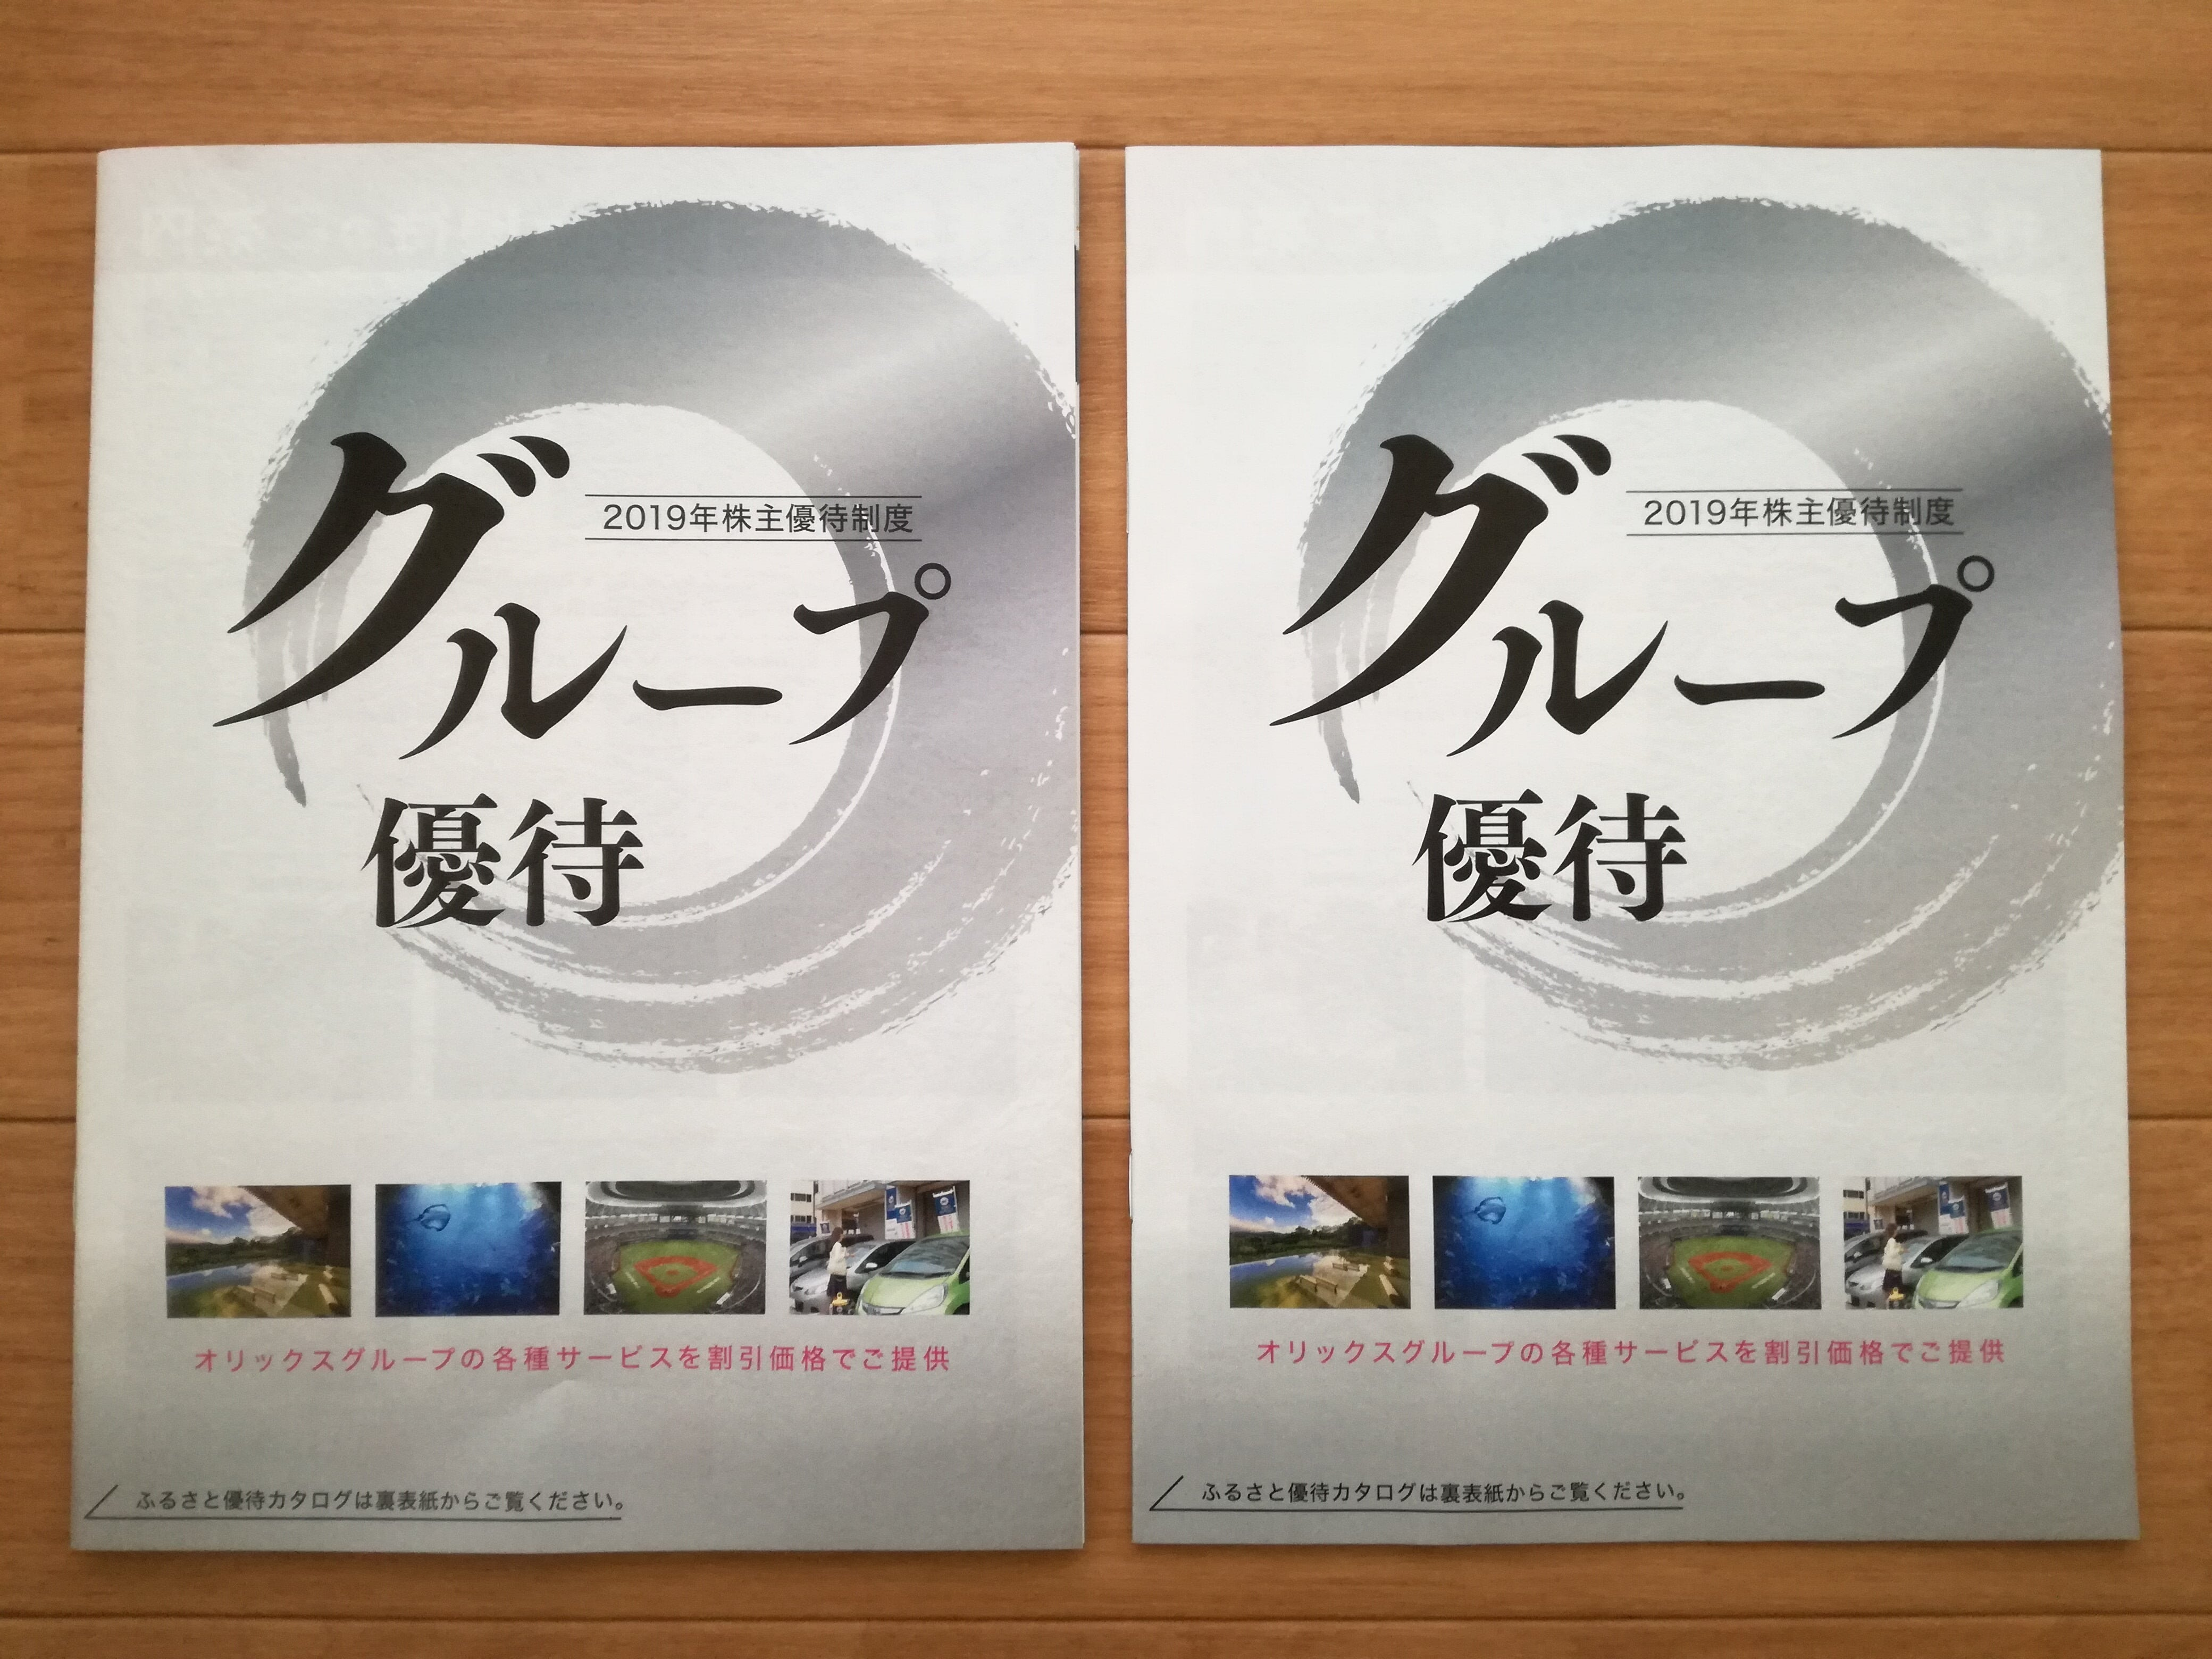 高配当で株主優待大人気のオリックス(8591)から「ふるさと優待カタログ」が到着!